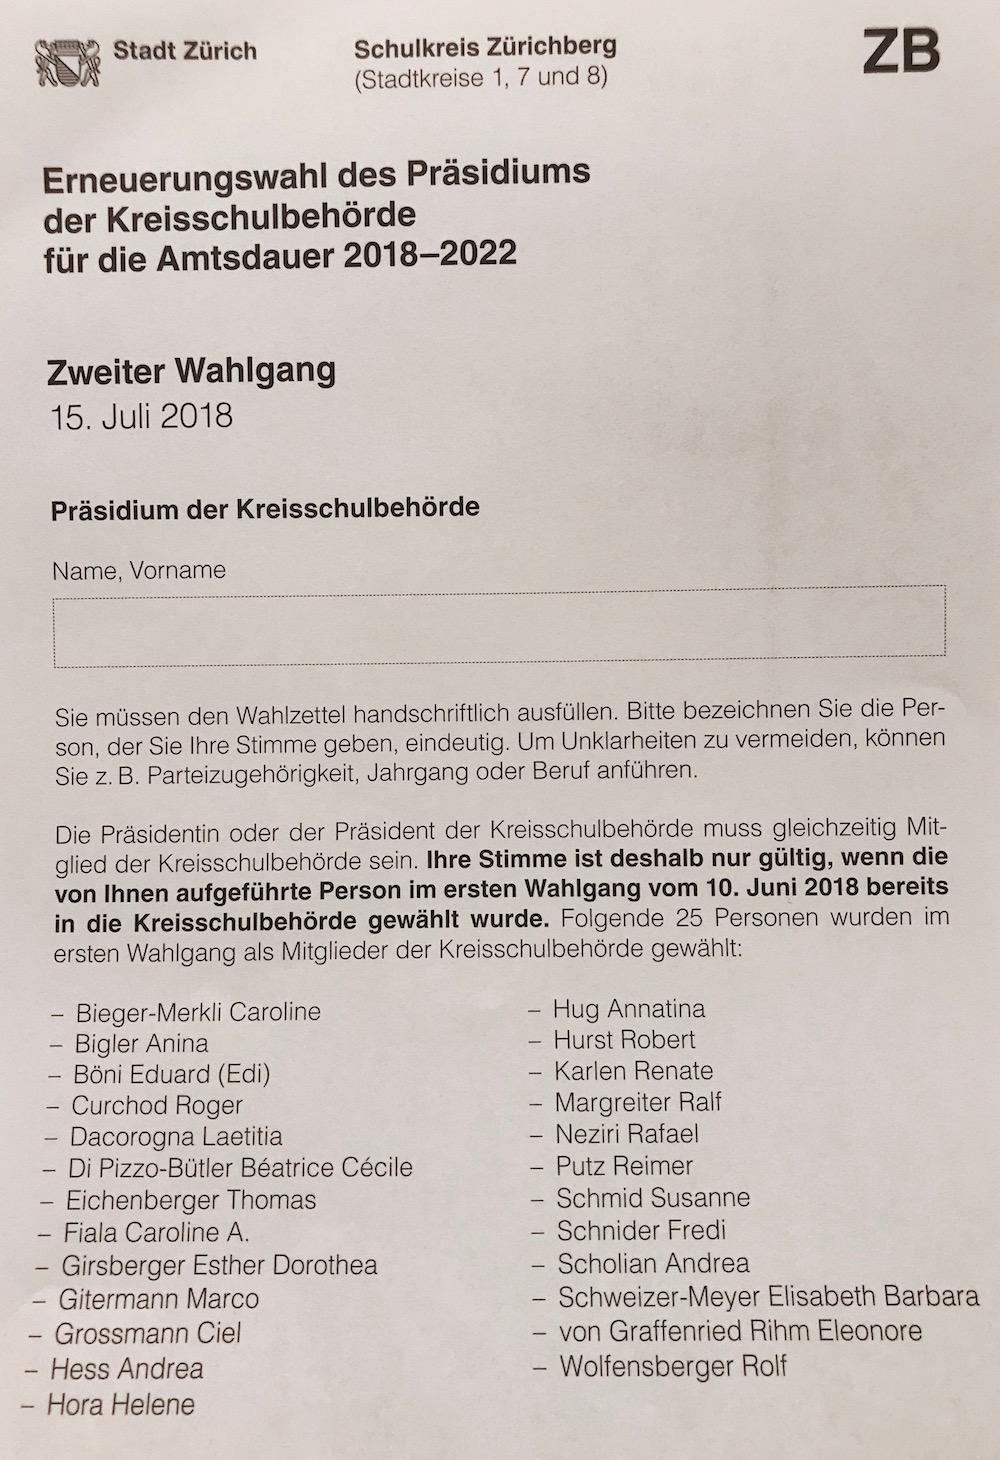 Alle 25 wählbaren Kandidaten für das Schulpräsidium im Schulkreis Zürichberg (Amtsperiode 2018-2022)